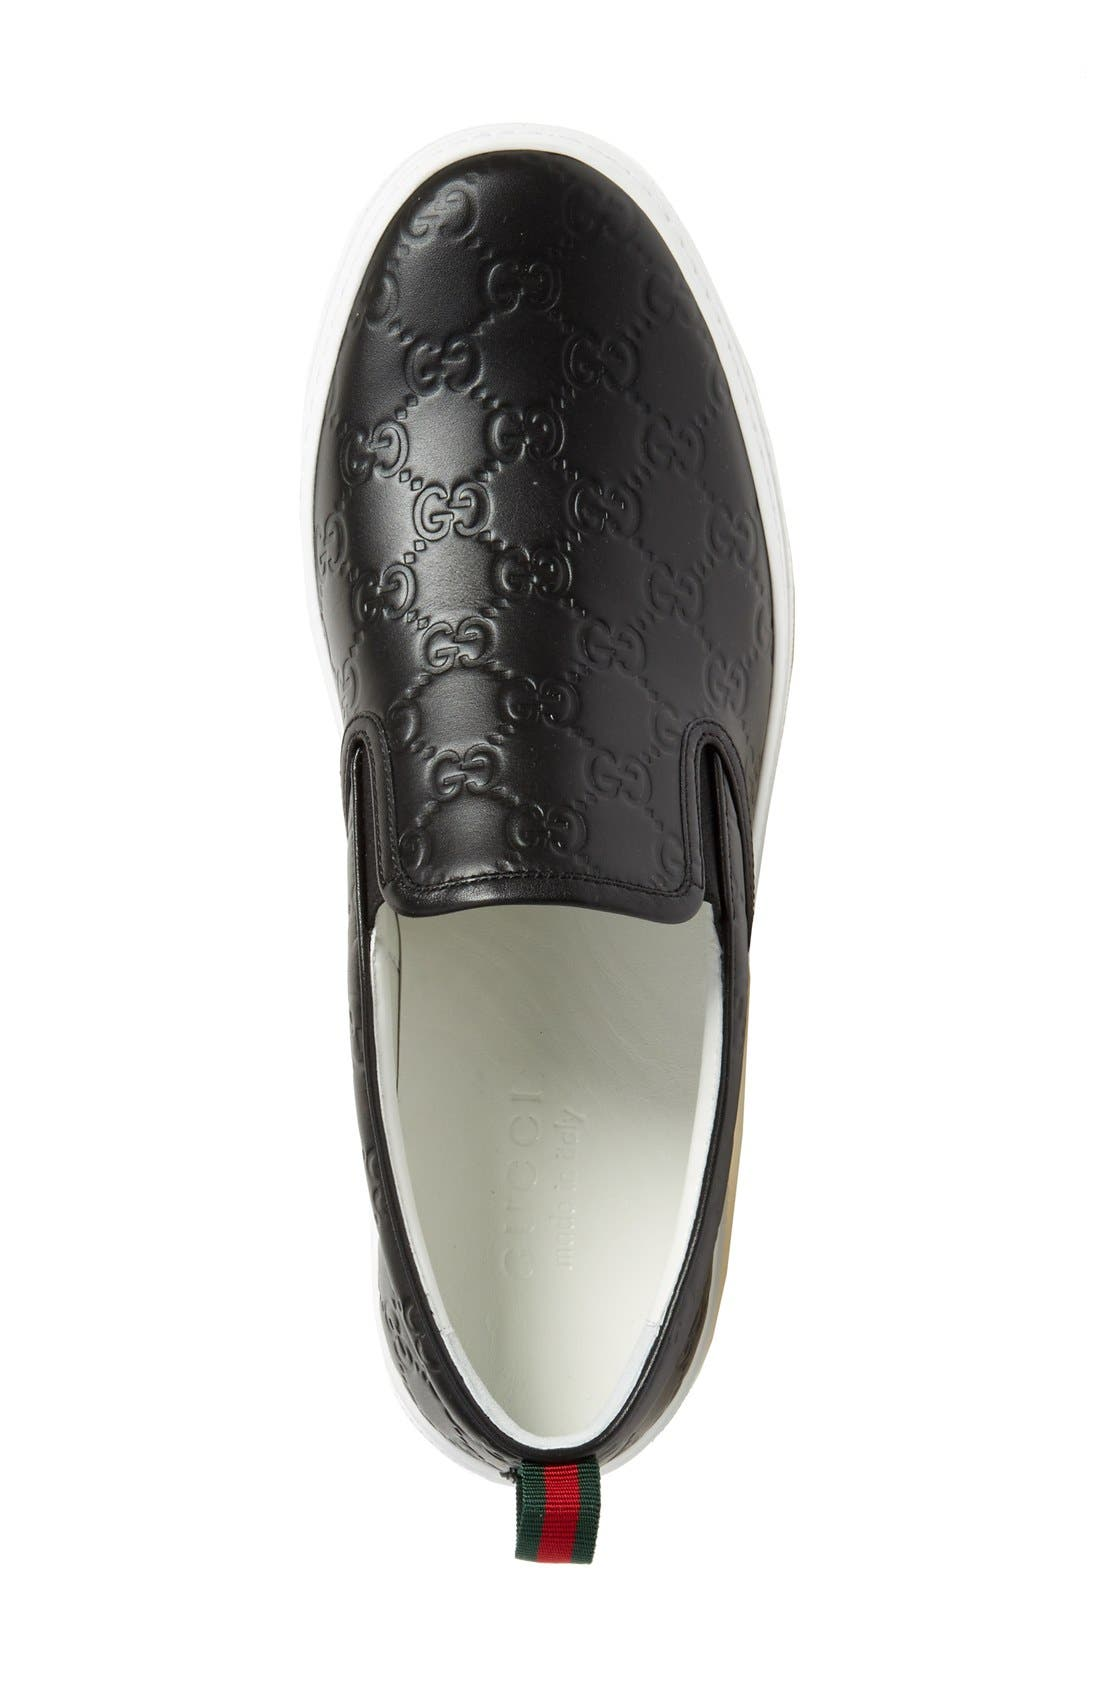 Dublin Slip-On Sneaker,                             Alternate thumbnail 3, color,                             Nero Embossed Leather